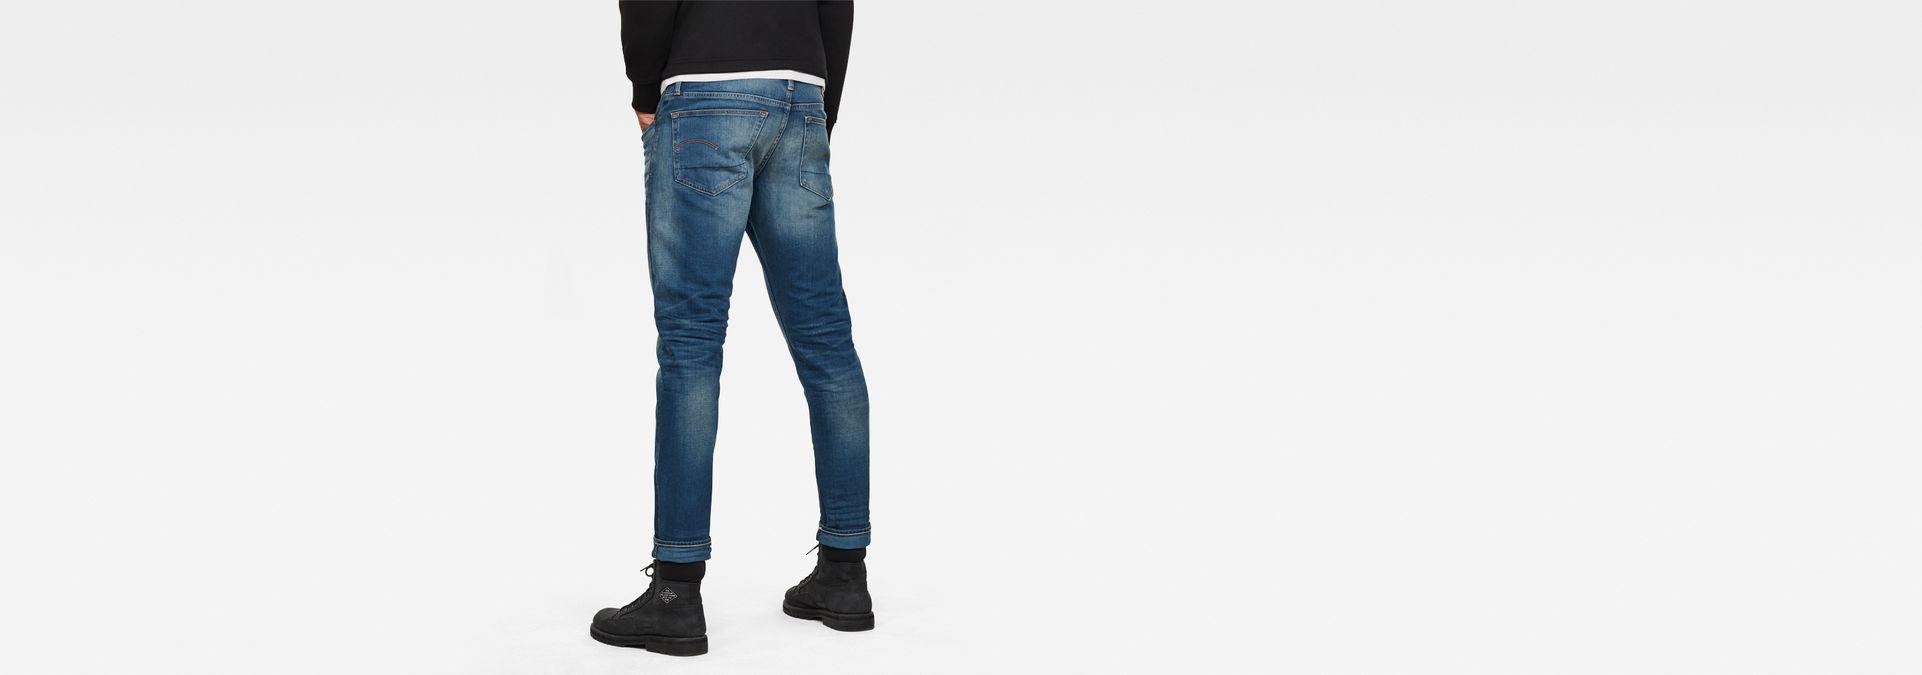 3301 slim jeans medium aged men sale g star raw. Black Bedroom Furniture Sets. Home Design Ideas